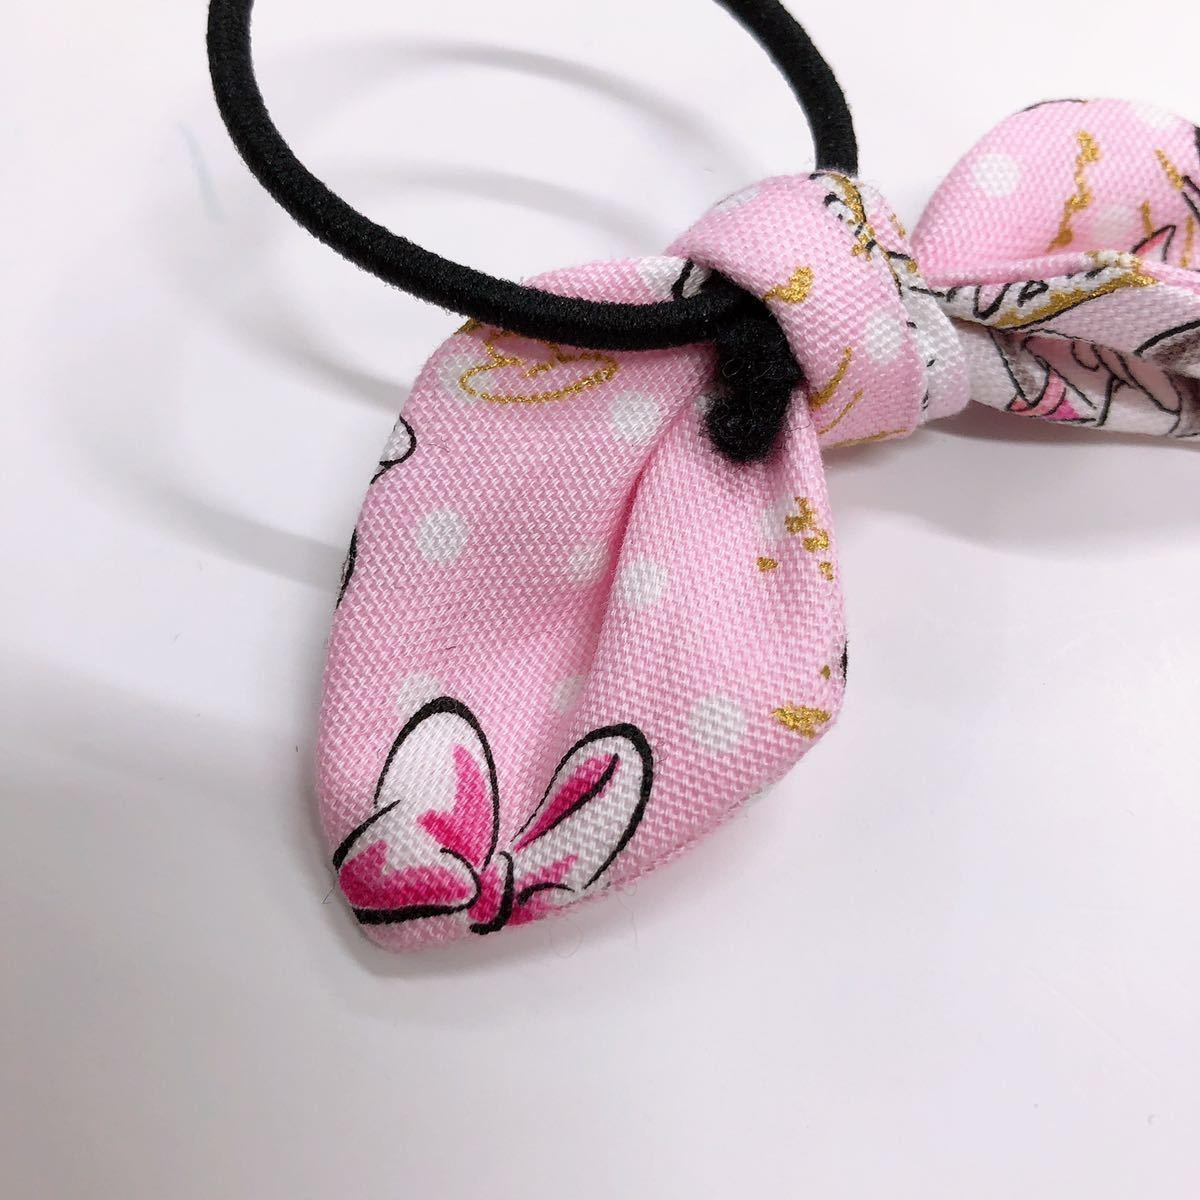 【ハンドメイド】c25 ミニーちゃんヘアリボン ピンク ミニーマウス ヘアゴム 手作り キッズ ティーン 可愛い ミッキー 女の子 リメイク_画像6